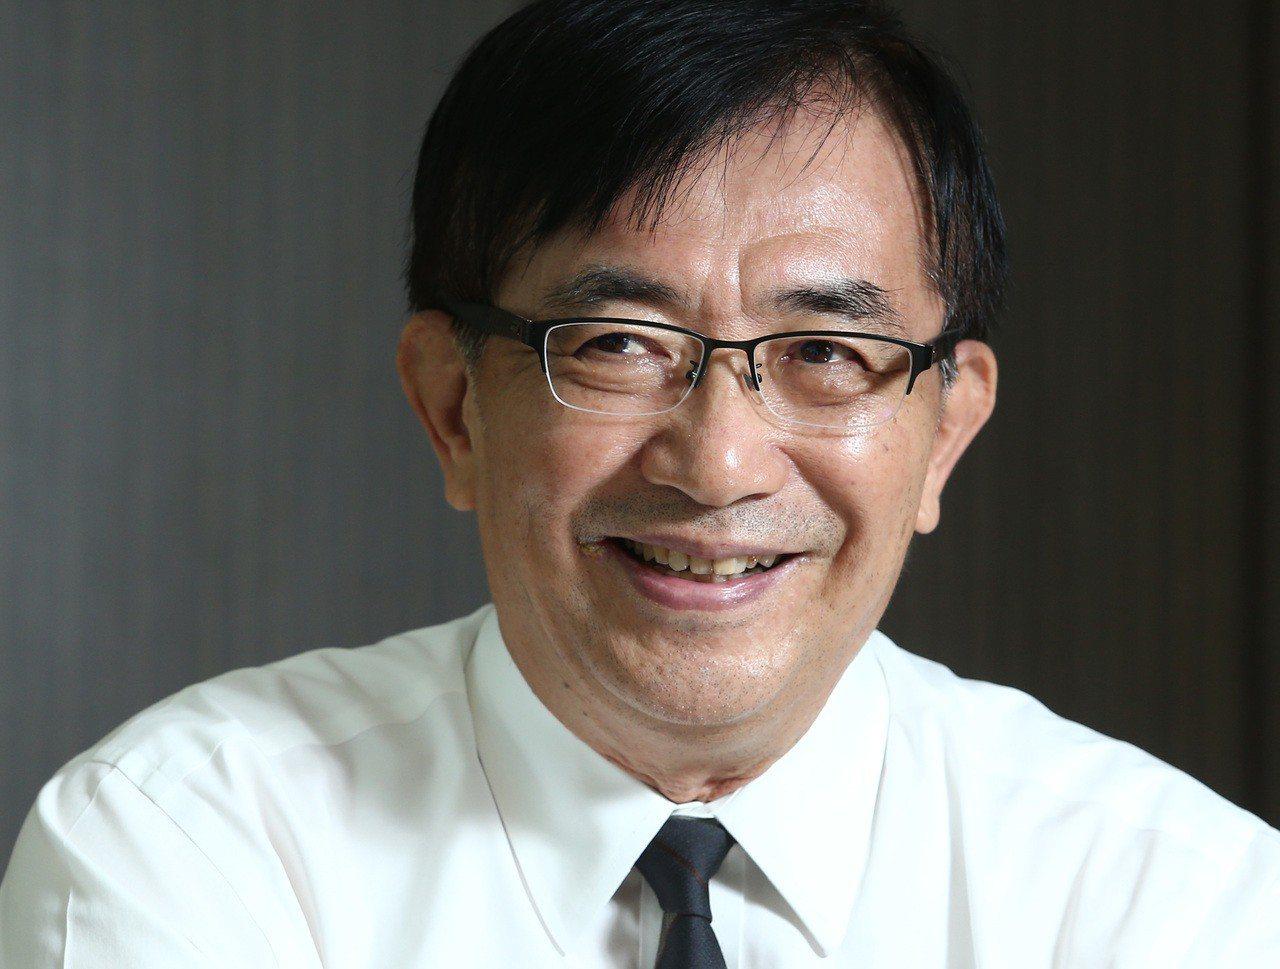 新任交通部長吳宏謀說不考慮取消國道20公里免通行費。記者林澔一/攝影